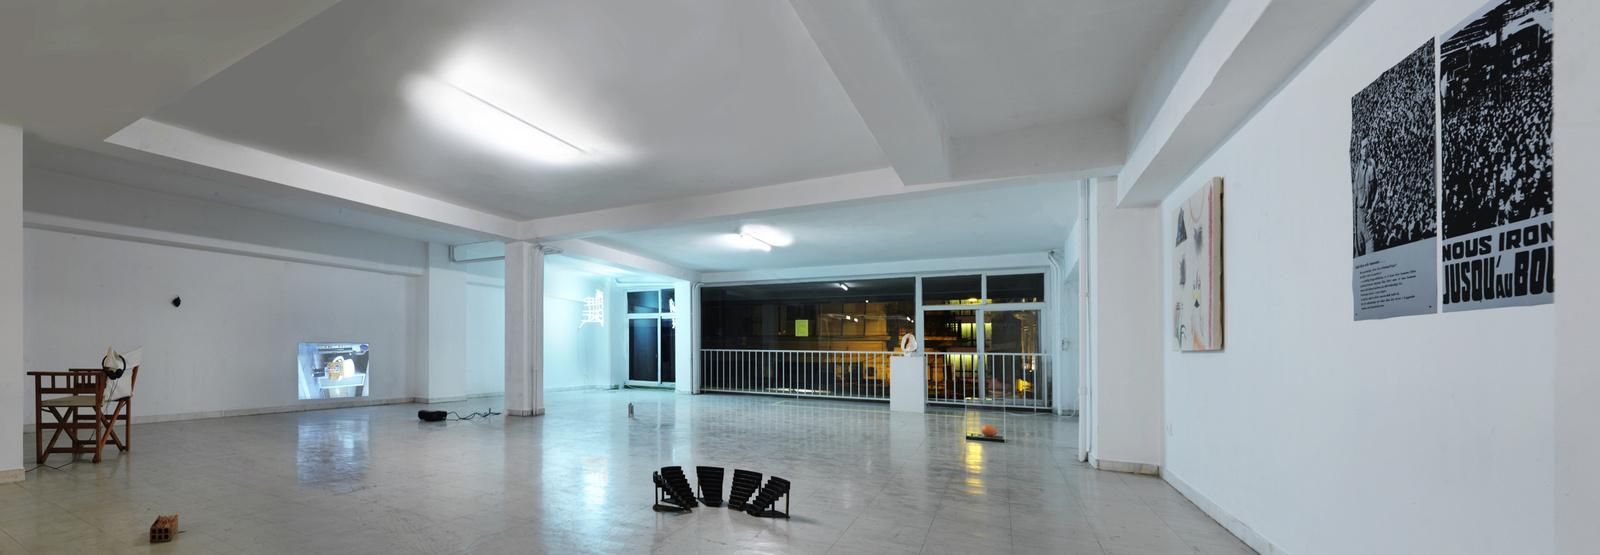 23 Upper Floor 1